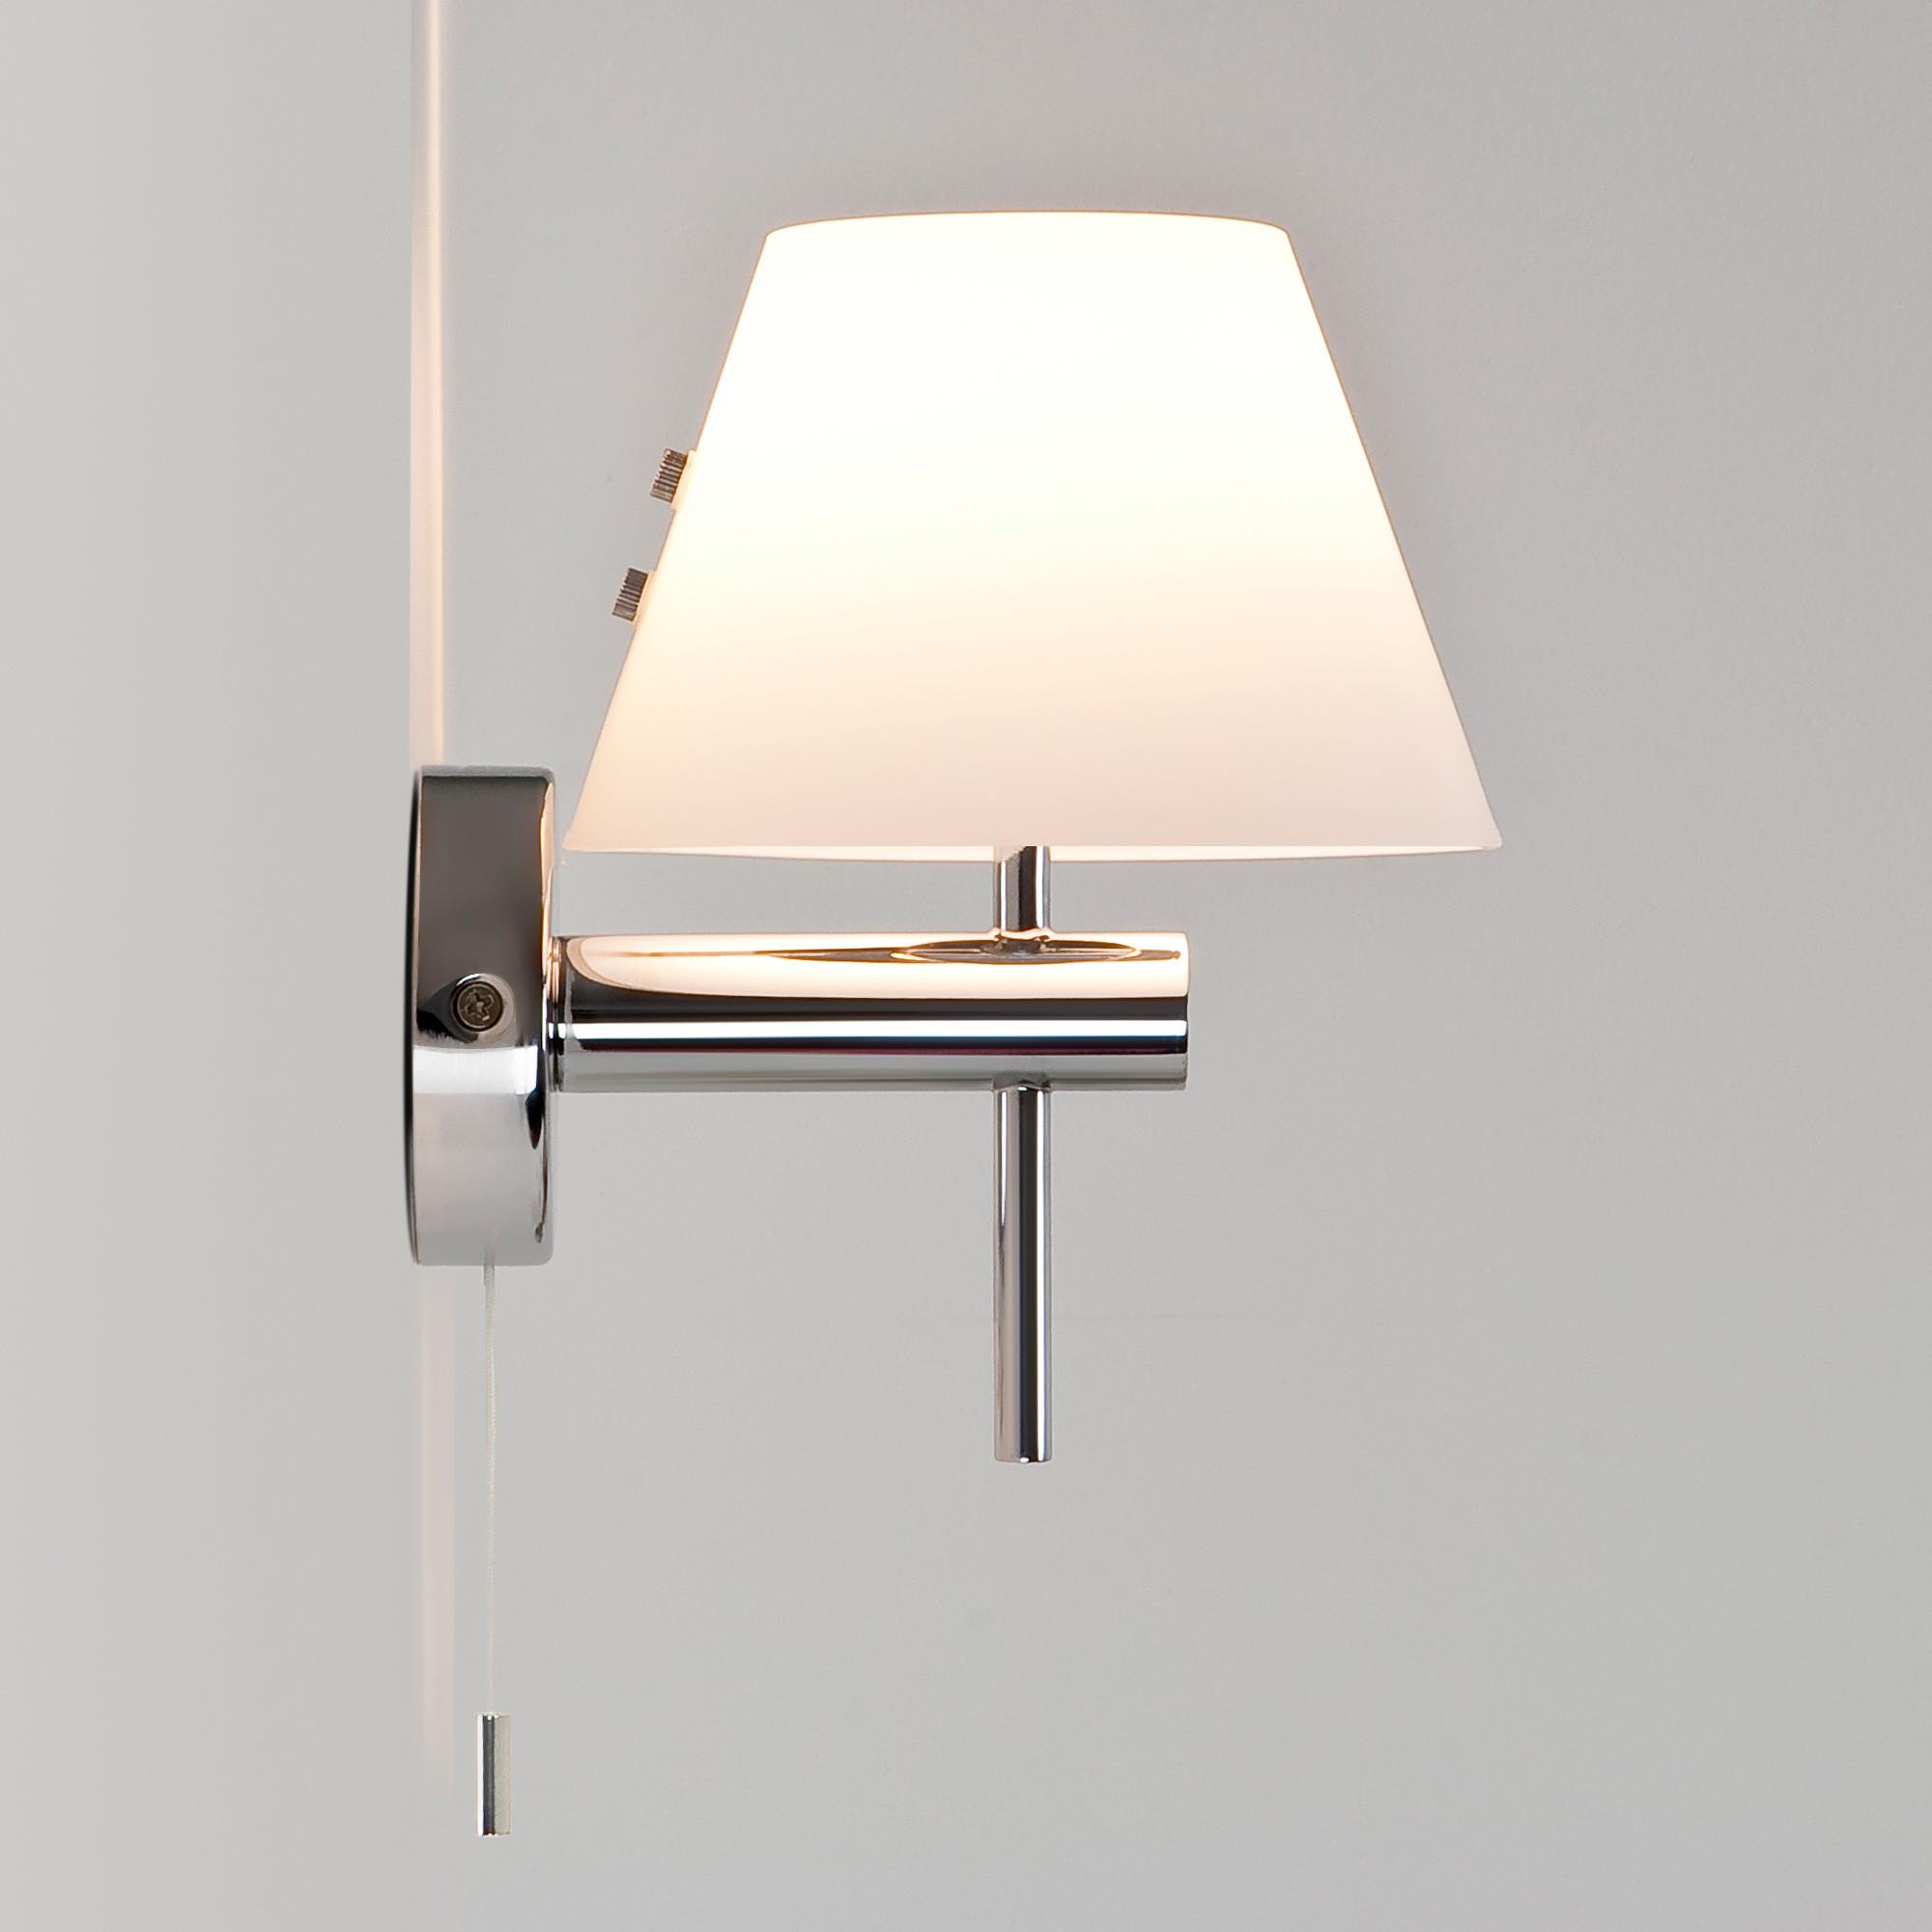 Wandlampe Mit Schalter  Illumina Astro Roma Wandleuchte mit Schalter 0434